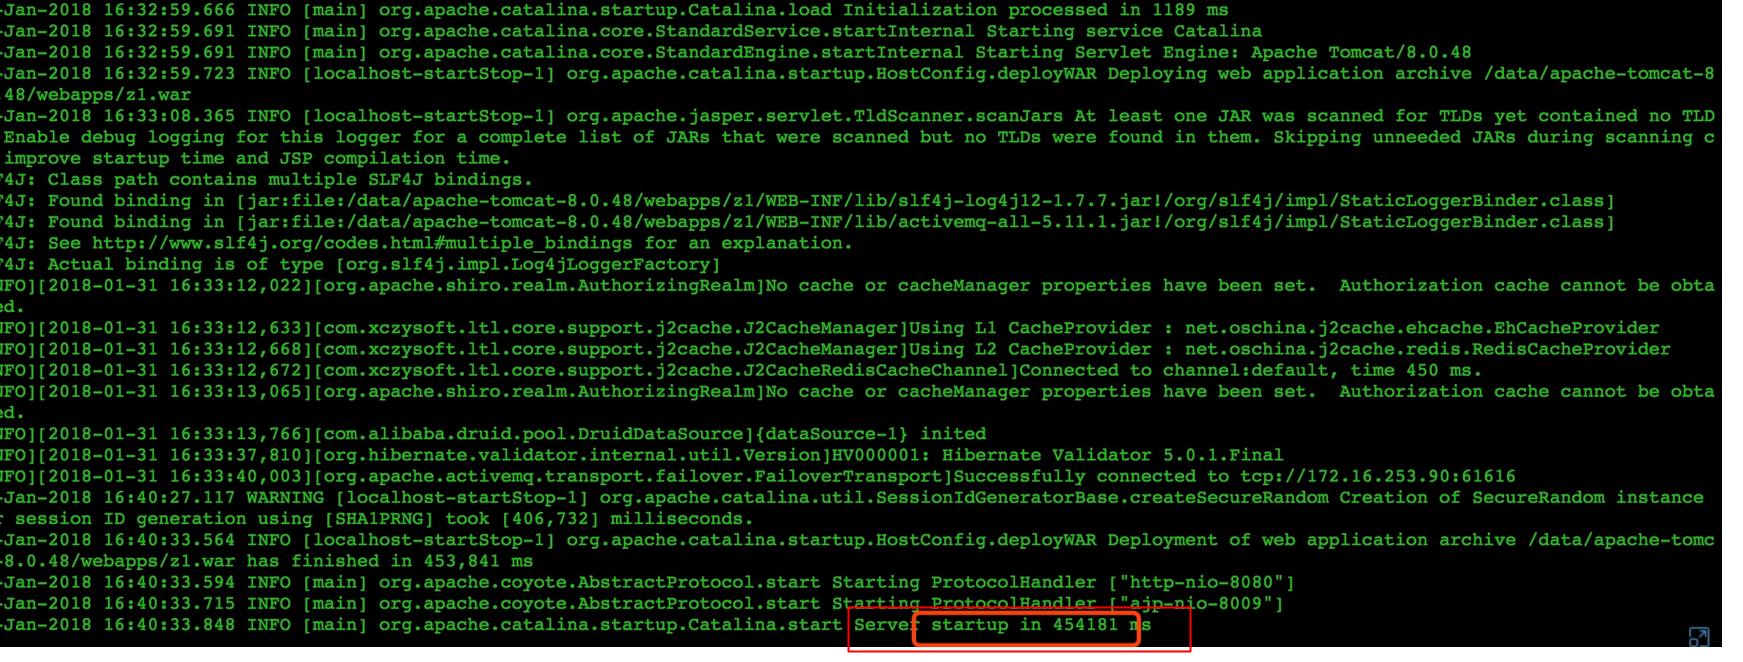 阿里云服务器Tomcat服务启动非常缓慢的解决思路